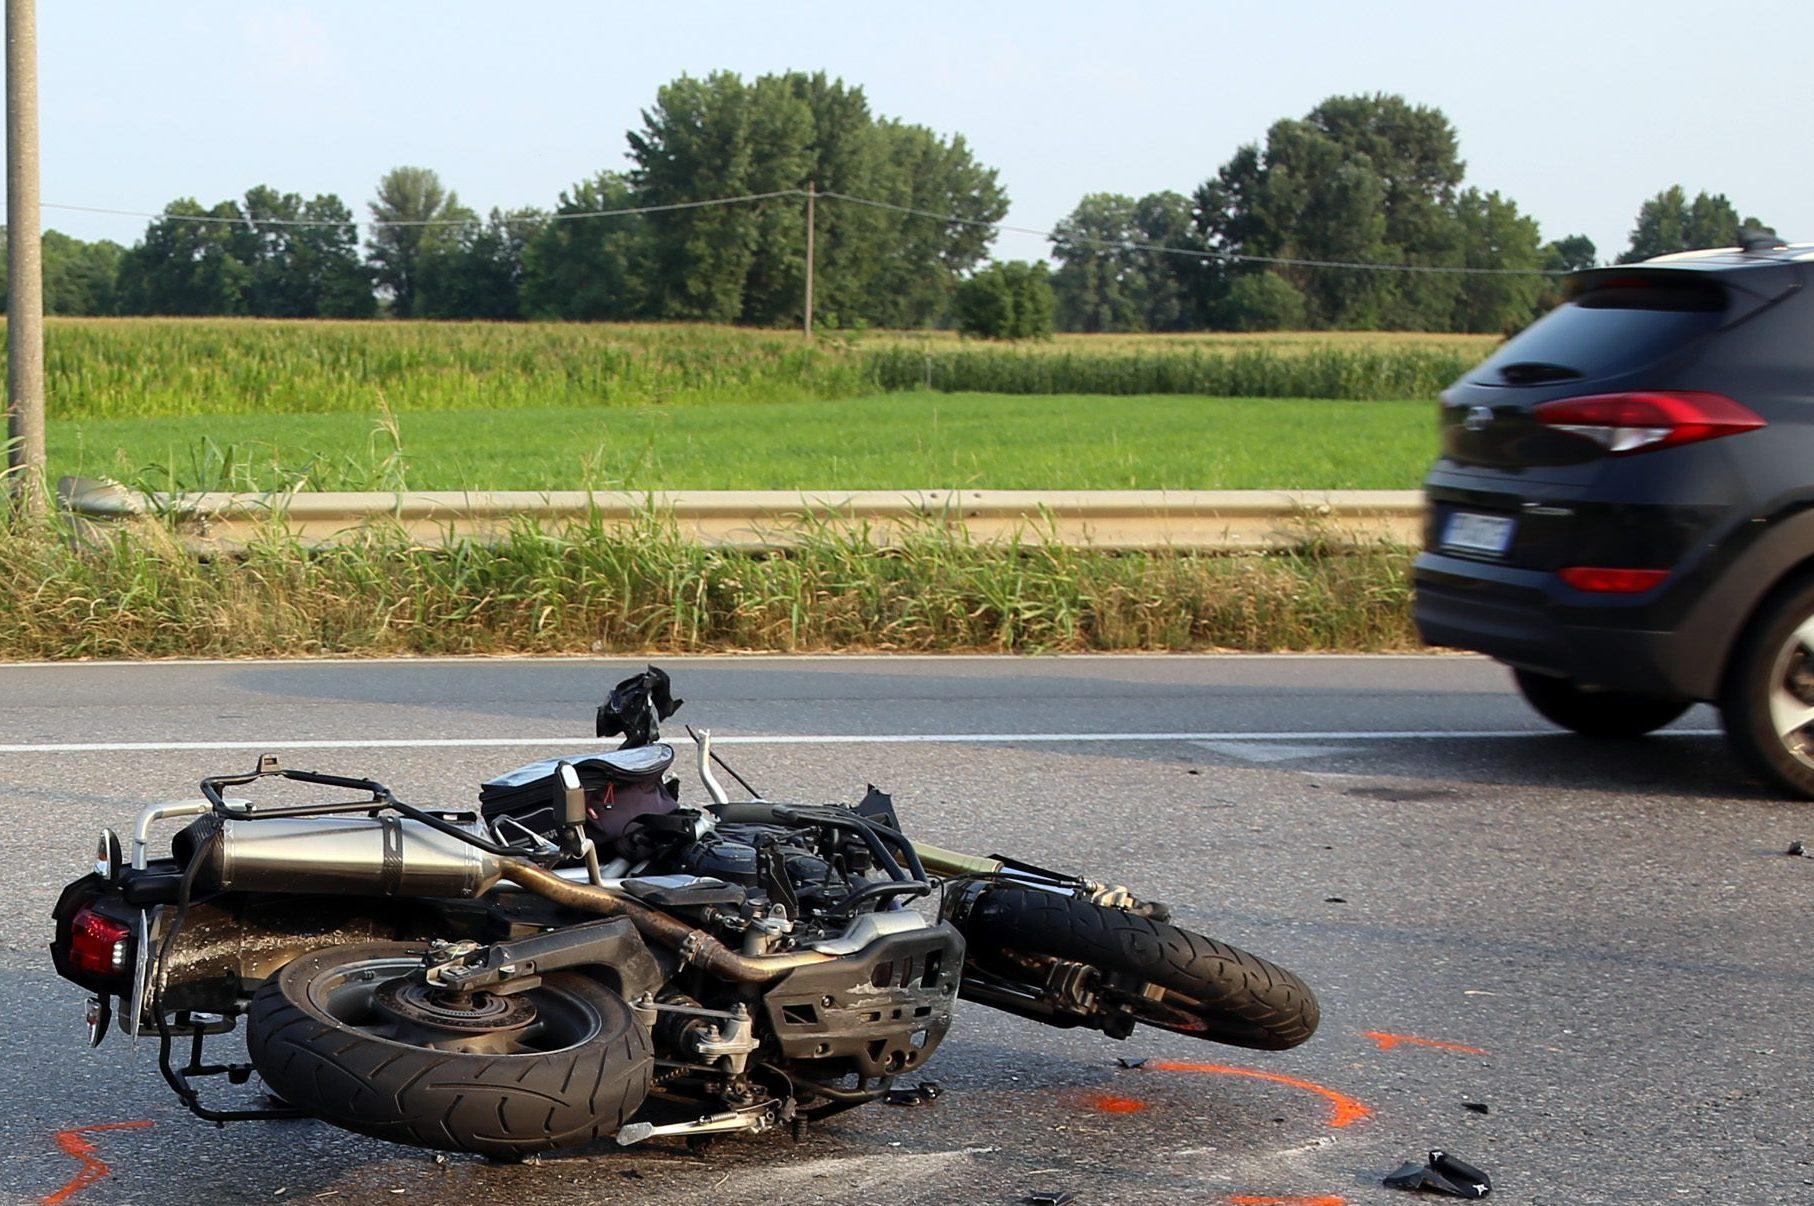 Incidenti a Carpiano e Lacchiarella: motociclista ucciso da un furgone pirata, grave un 15enne - Milano Fanpage.it